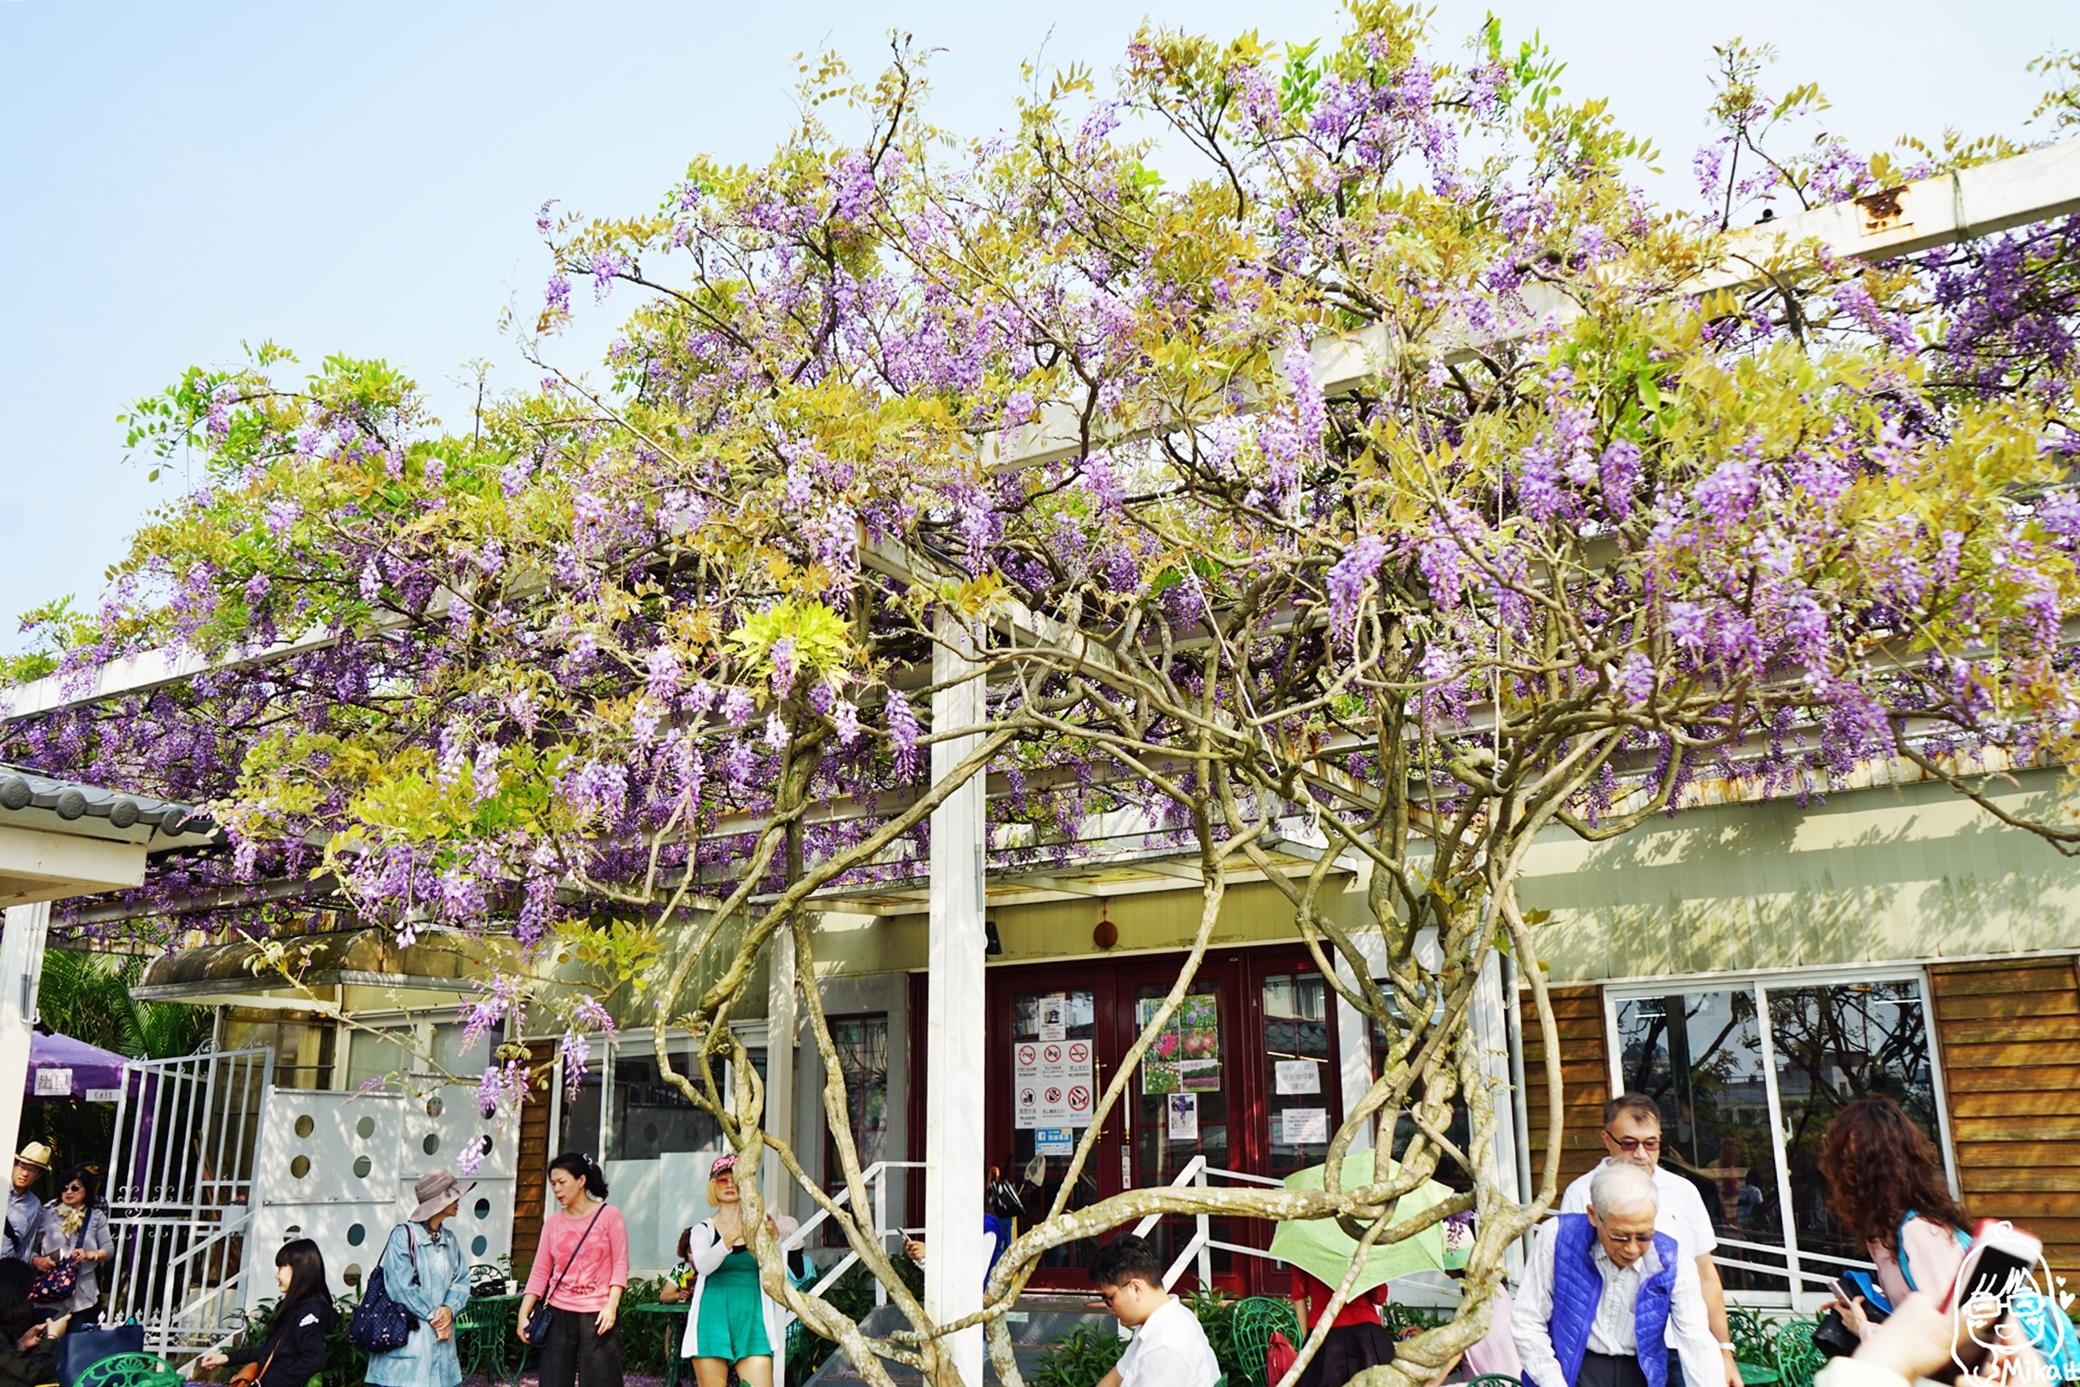 『新北。淡水』 紫藤咖啡園(一店)(屯山園區)|全台最大紫藤園  近500株紫藤 一年僅開放兩週左右  每年約3月20日至4月20日開放!。